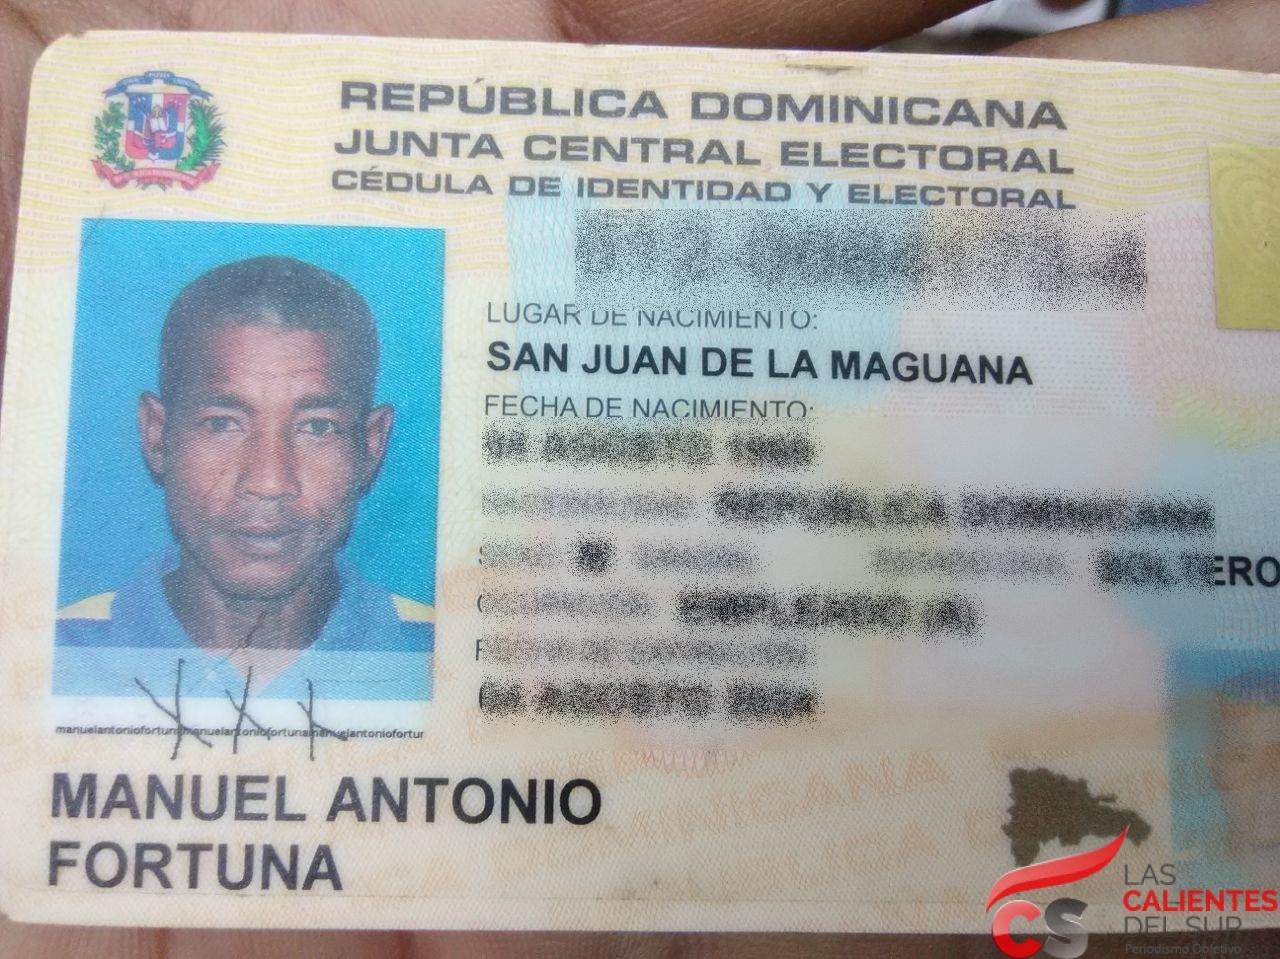 Manuel Antonio FortunA